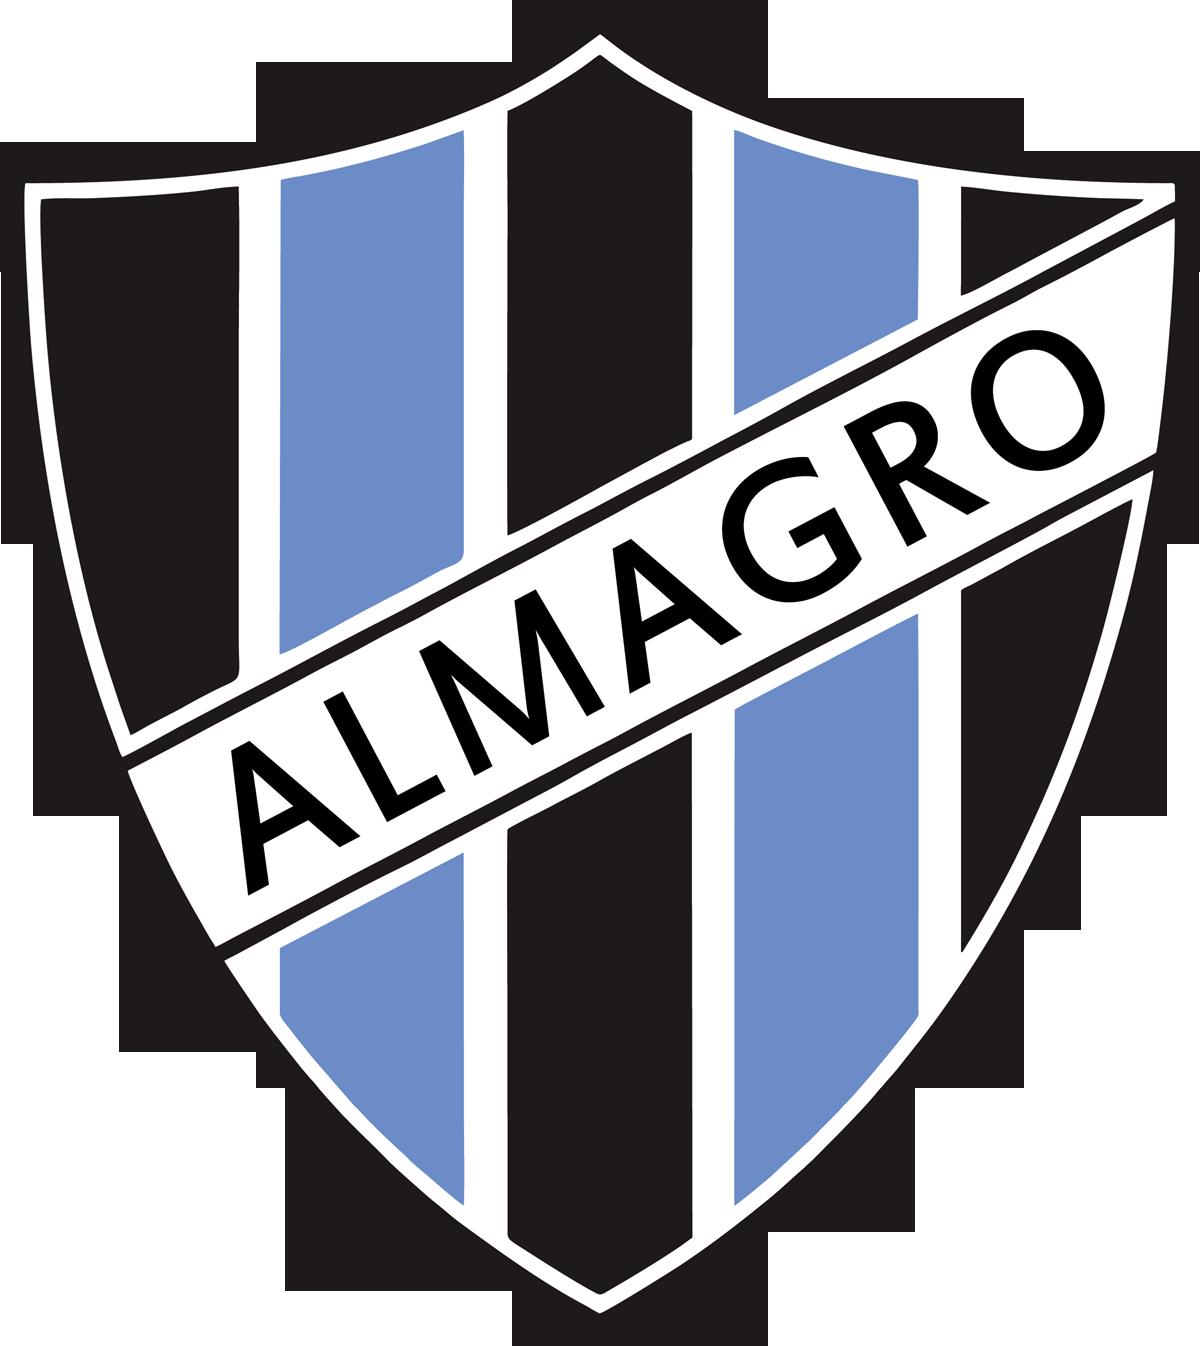 b45e7cccf57 Club Almagro - Wikipedia